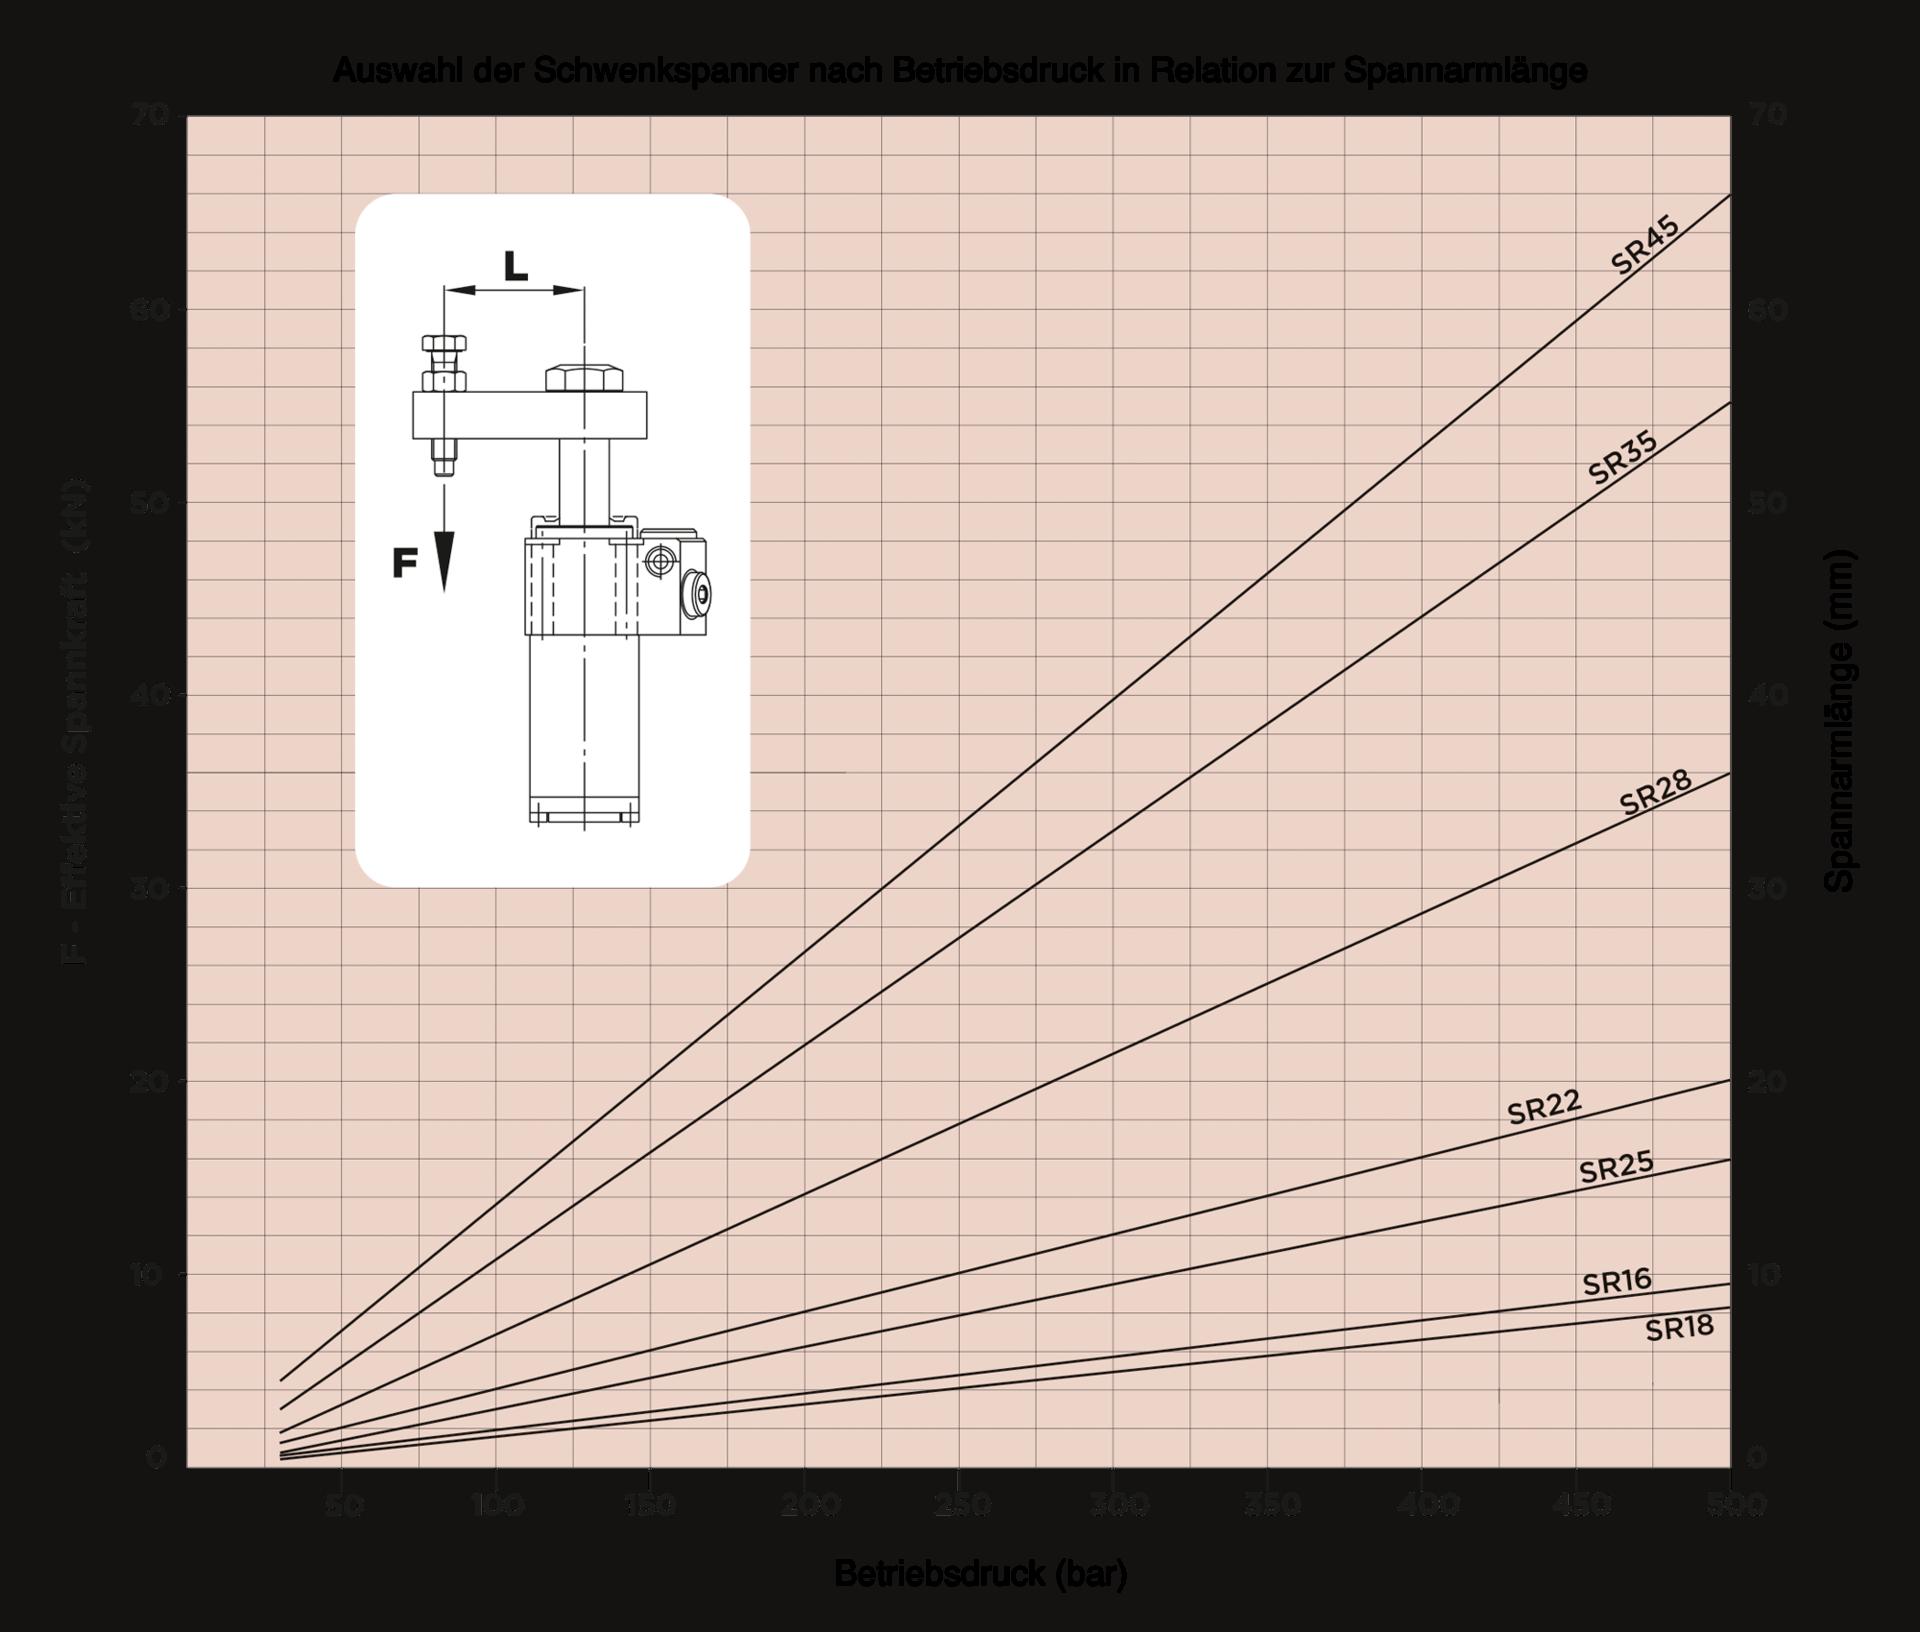 1.1.1. DiagrammBeschriftung